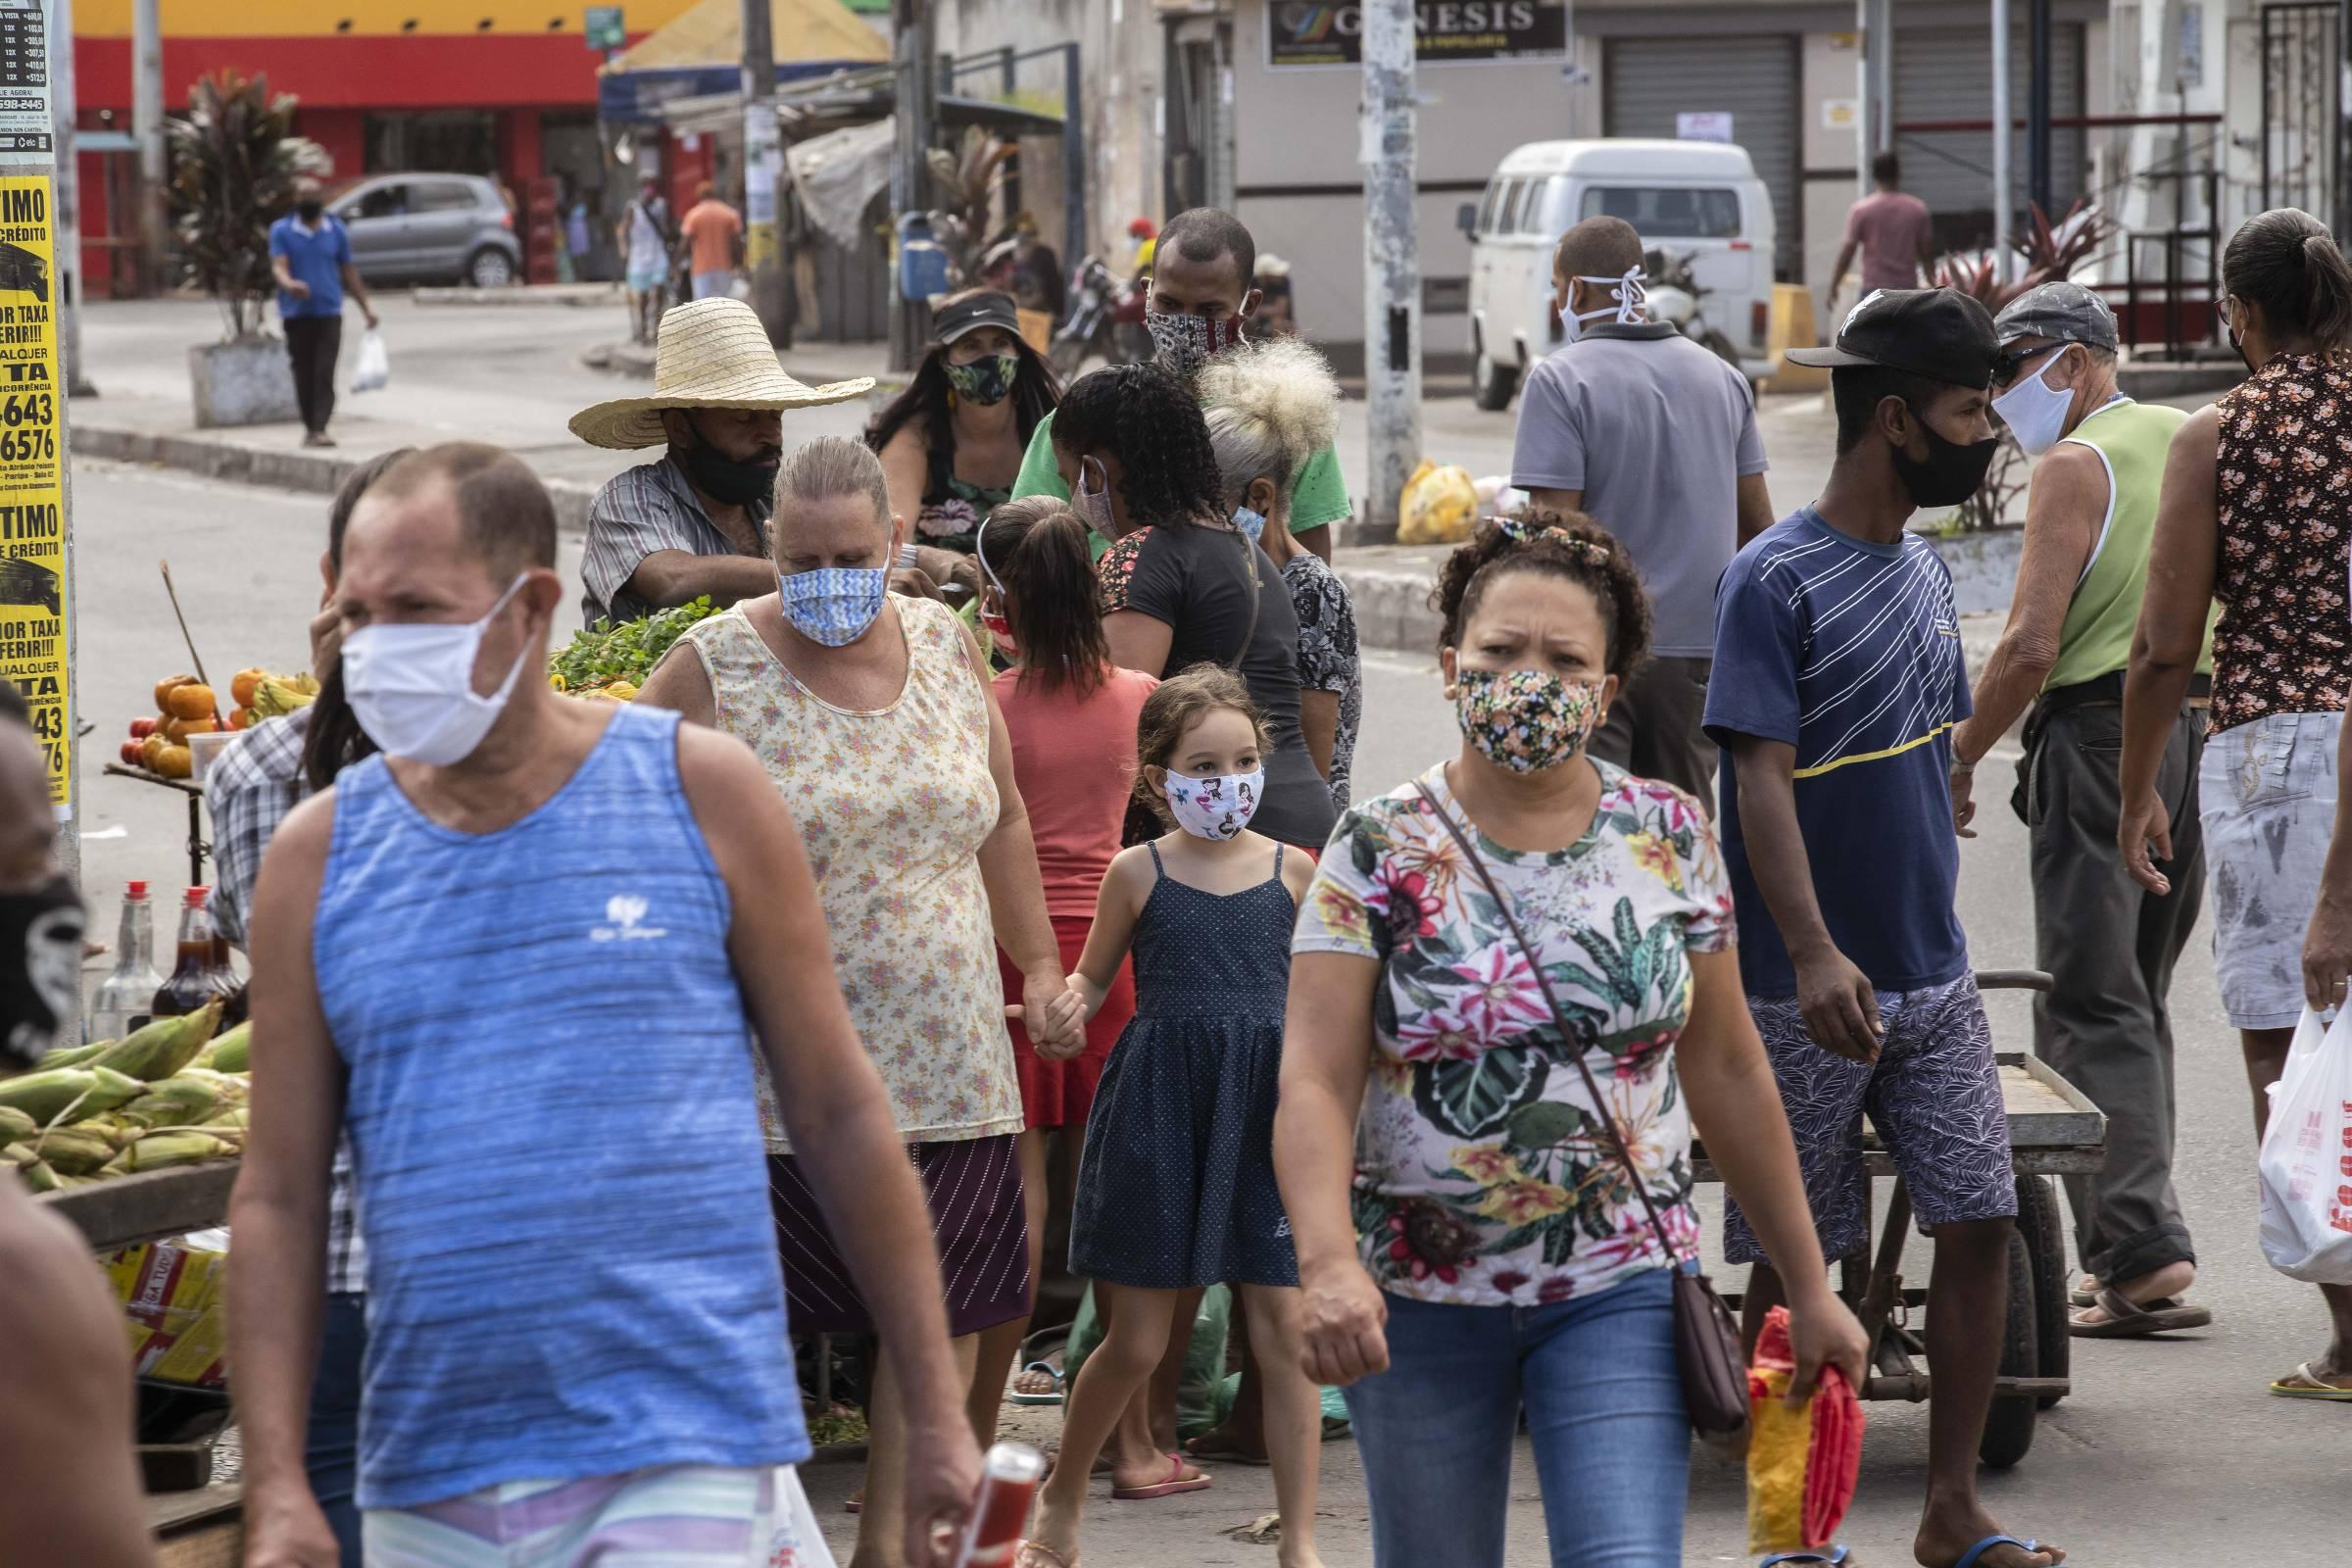 Ocupação de leitos de UTI para Covid-19 cai em 16 estados – Folha de S.Paulo